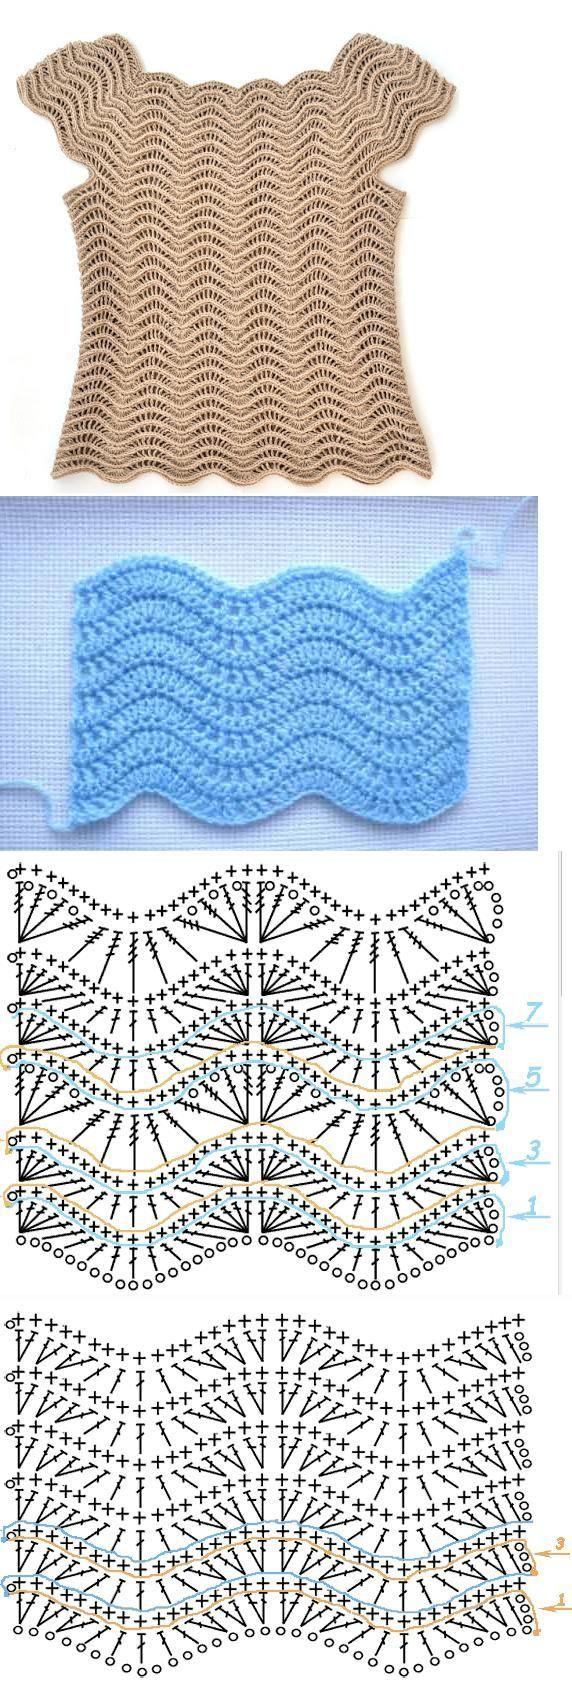 Chorrilho de ideias: Blusa crochet ondulado com esquema grafico